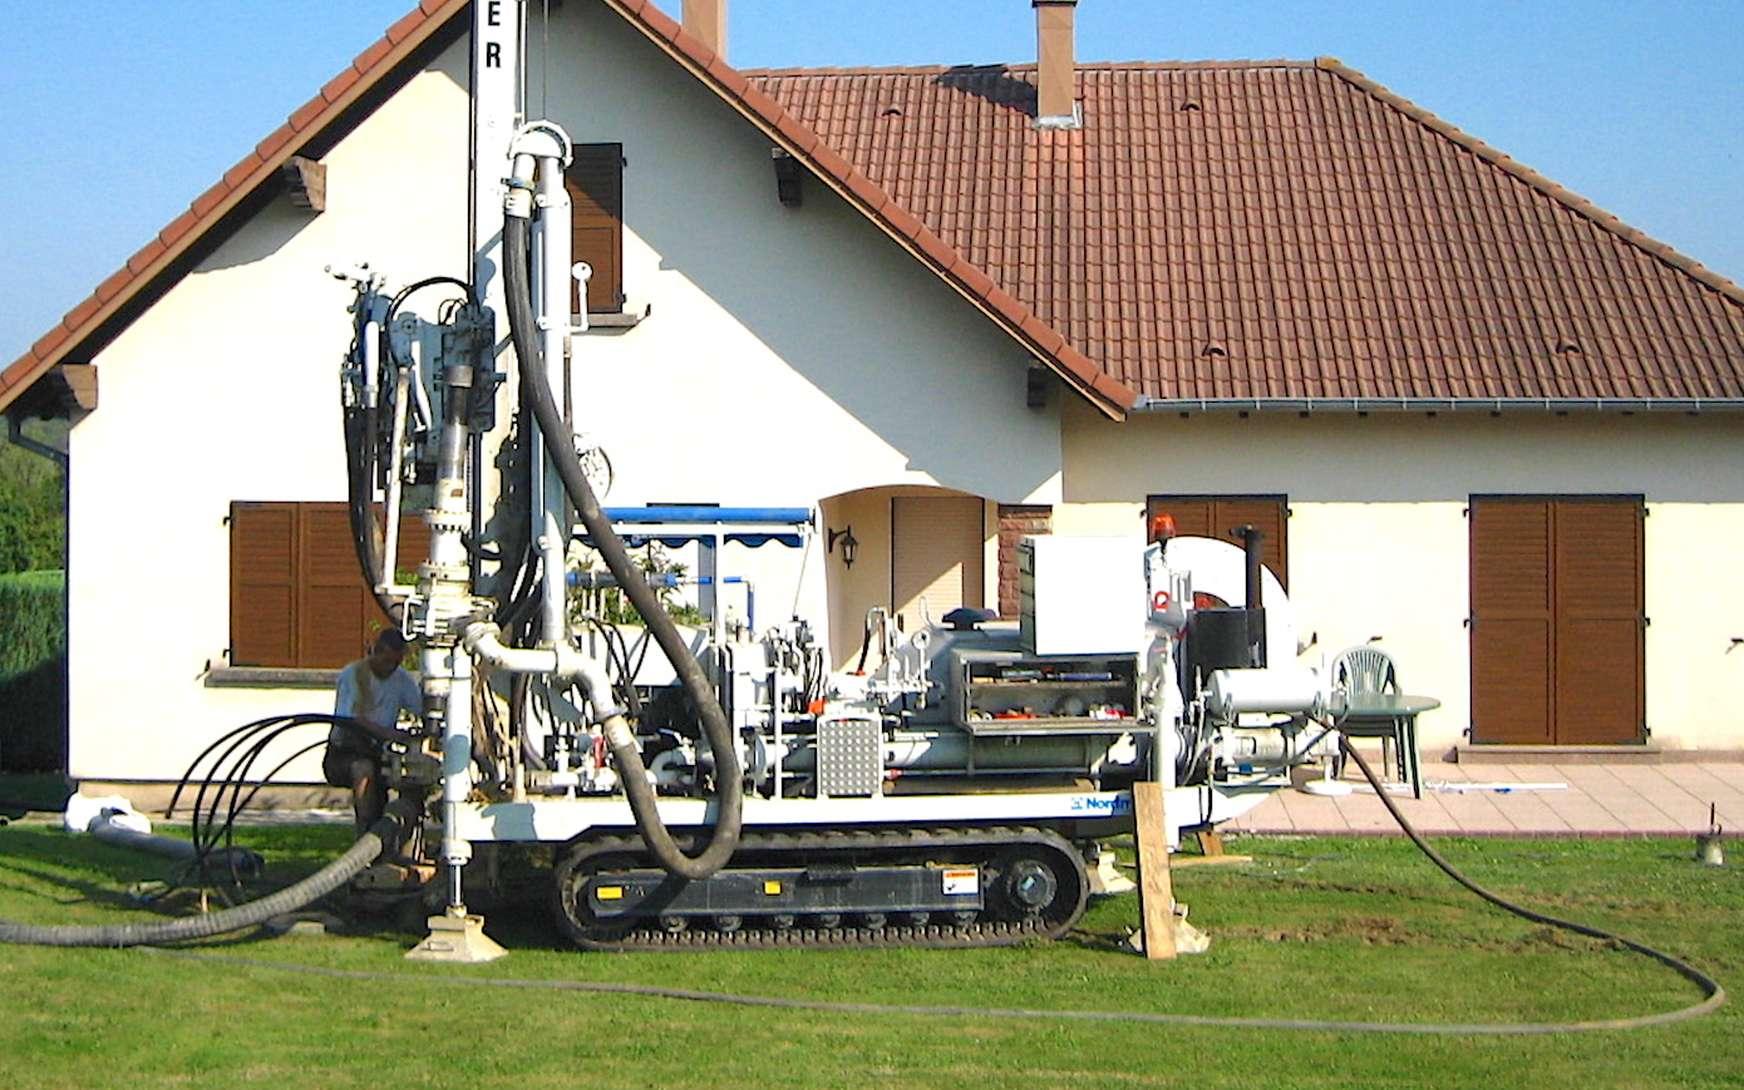 Équipement de forage pour captage géothermique. © LM Plomberie Chauffage